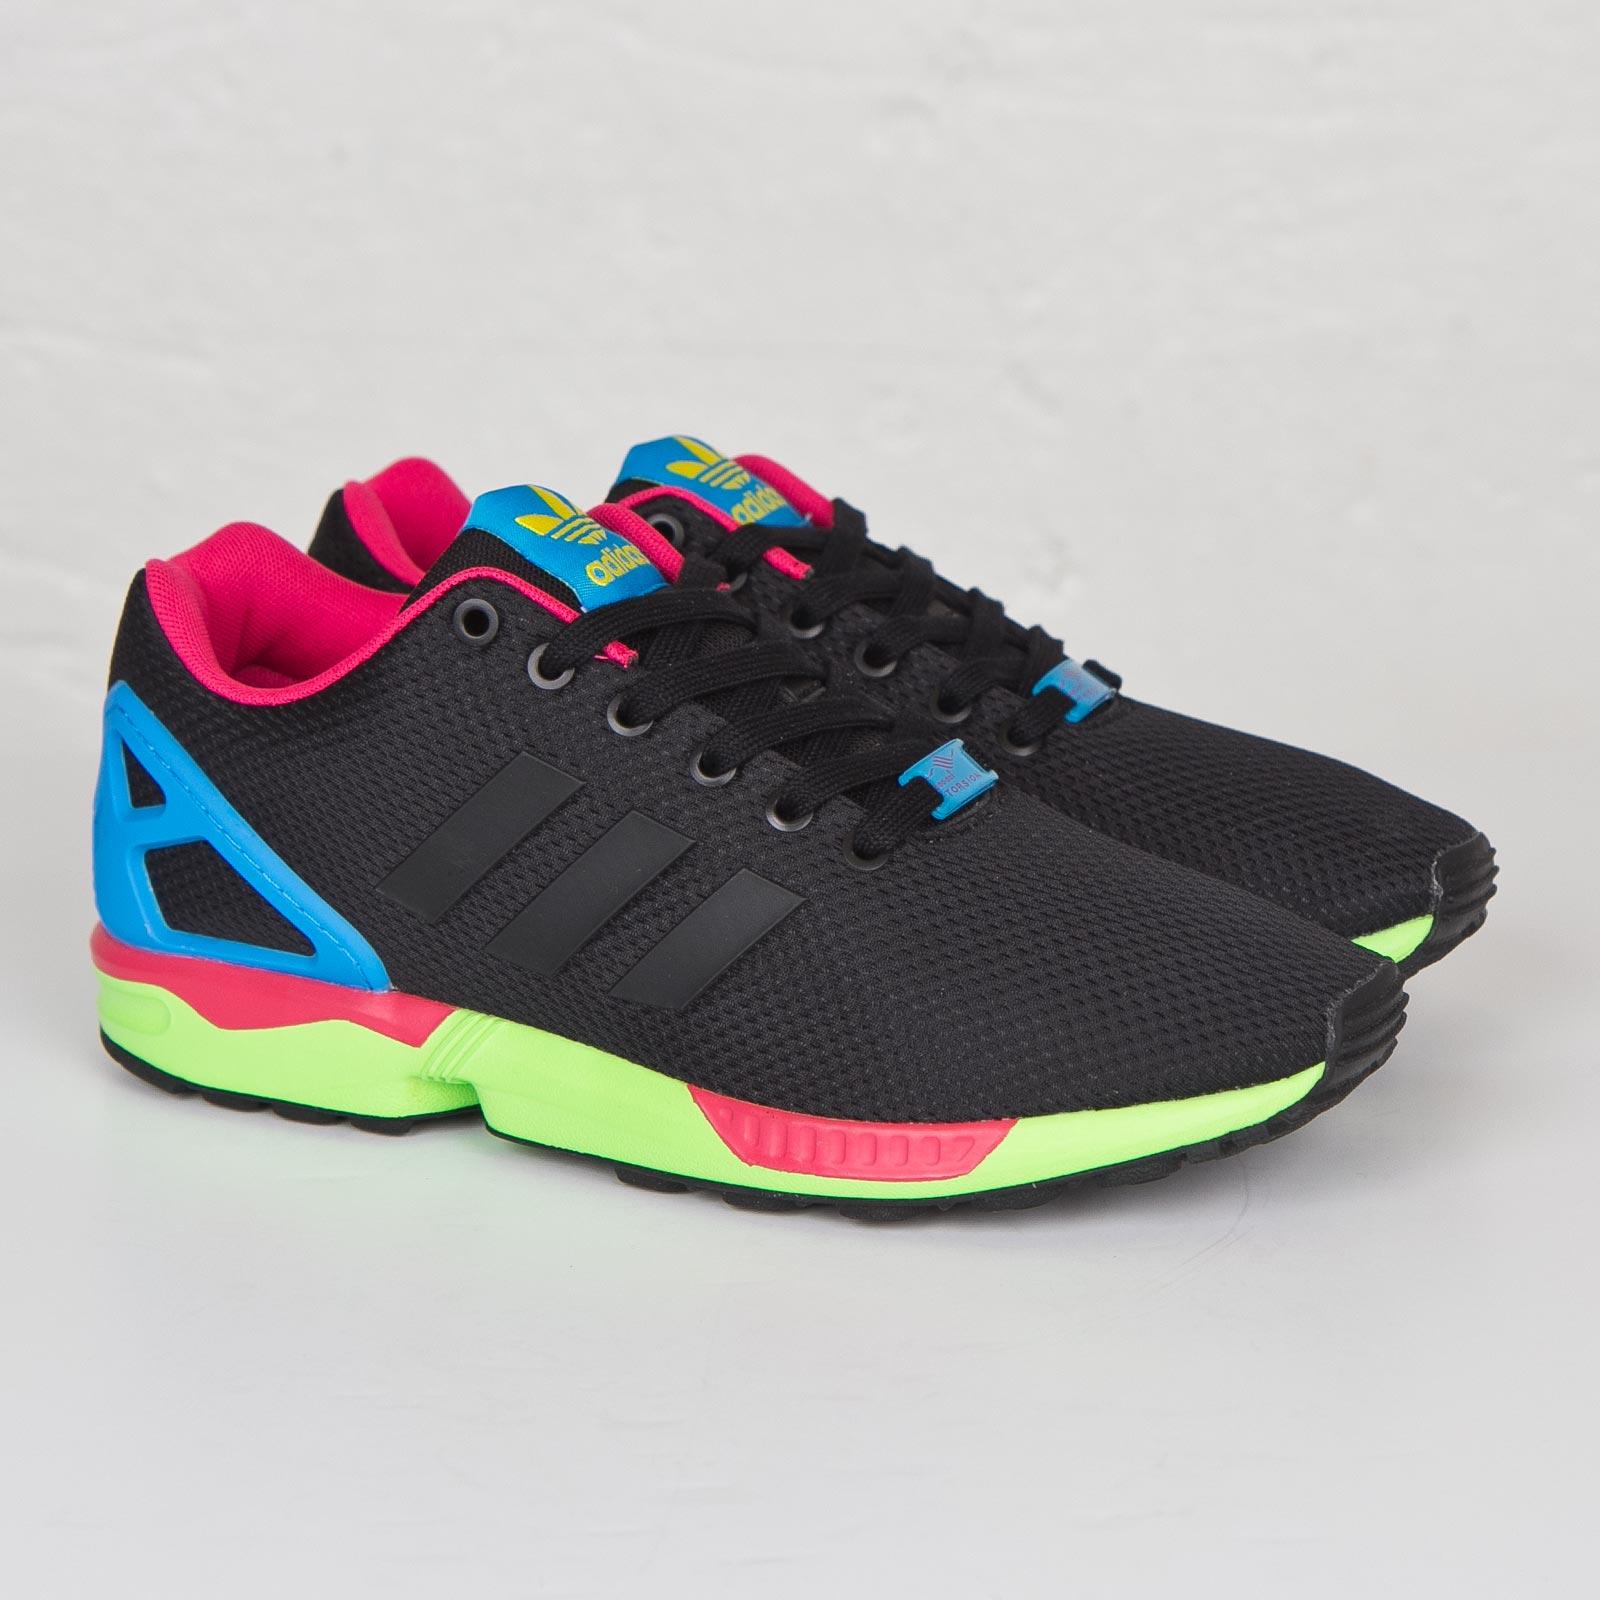 the latest 86235 4f3c5 Venez découvrir notre sélection de produits adidas zx flux nps 2.0 pas cher  au meilleur prix sur .- bamboobar.fr